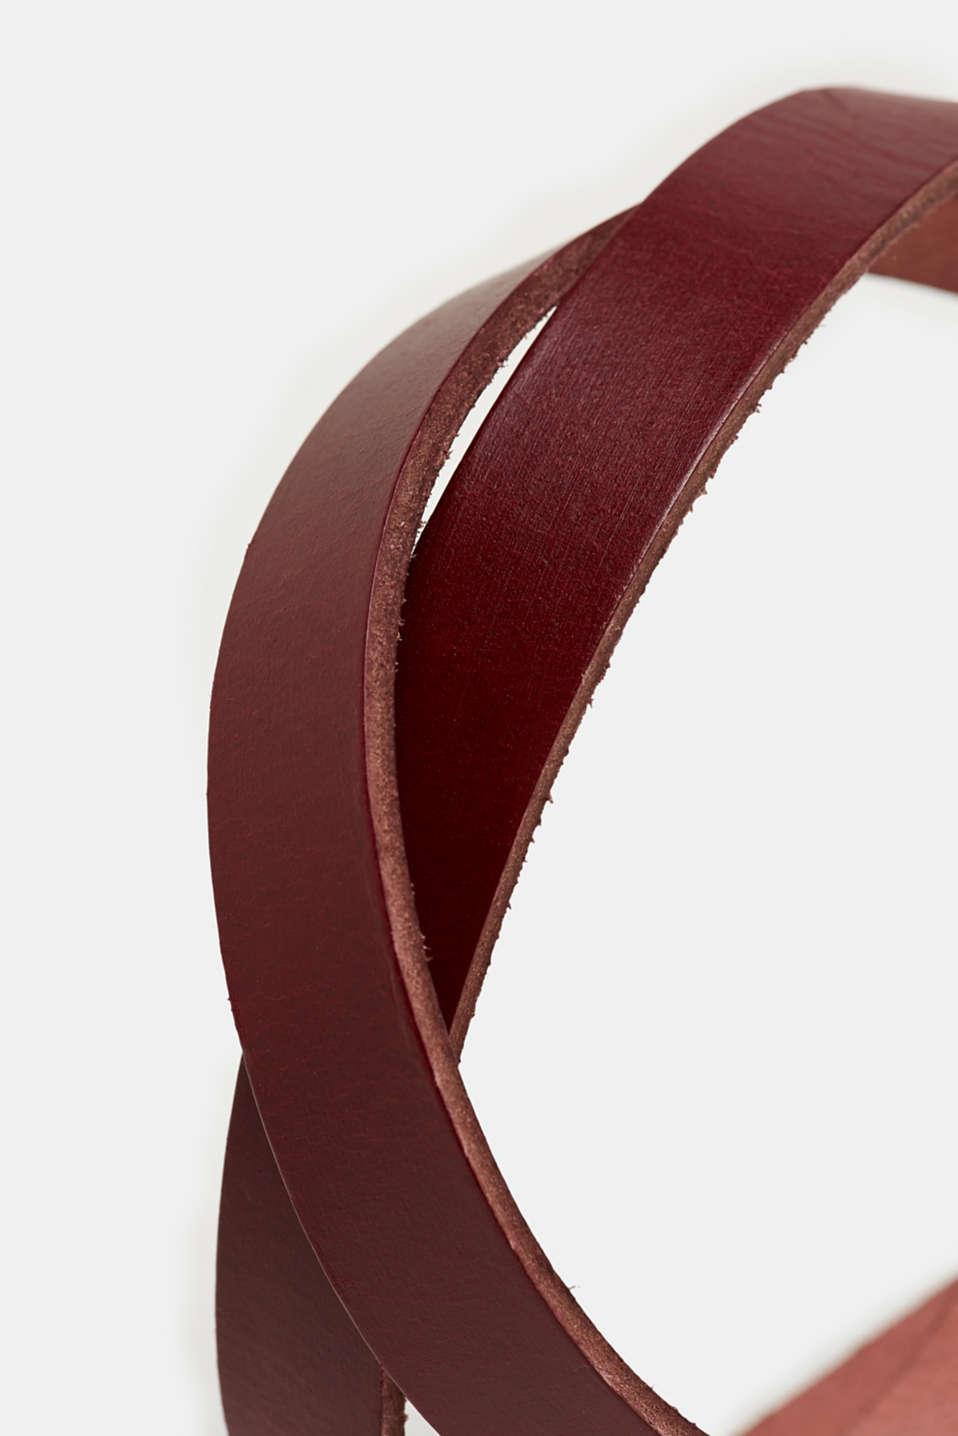 Narrow leather belt, GARNET RED, detail image number 1